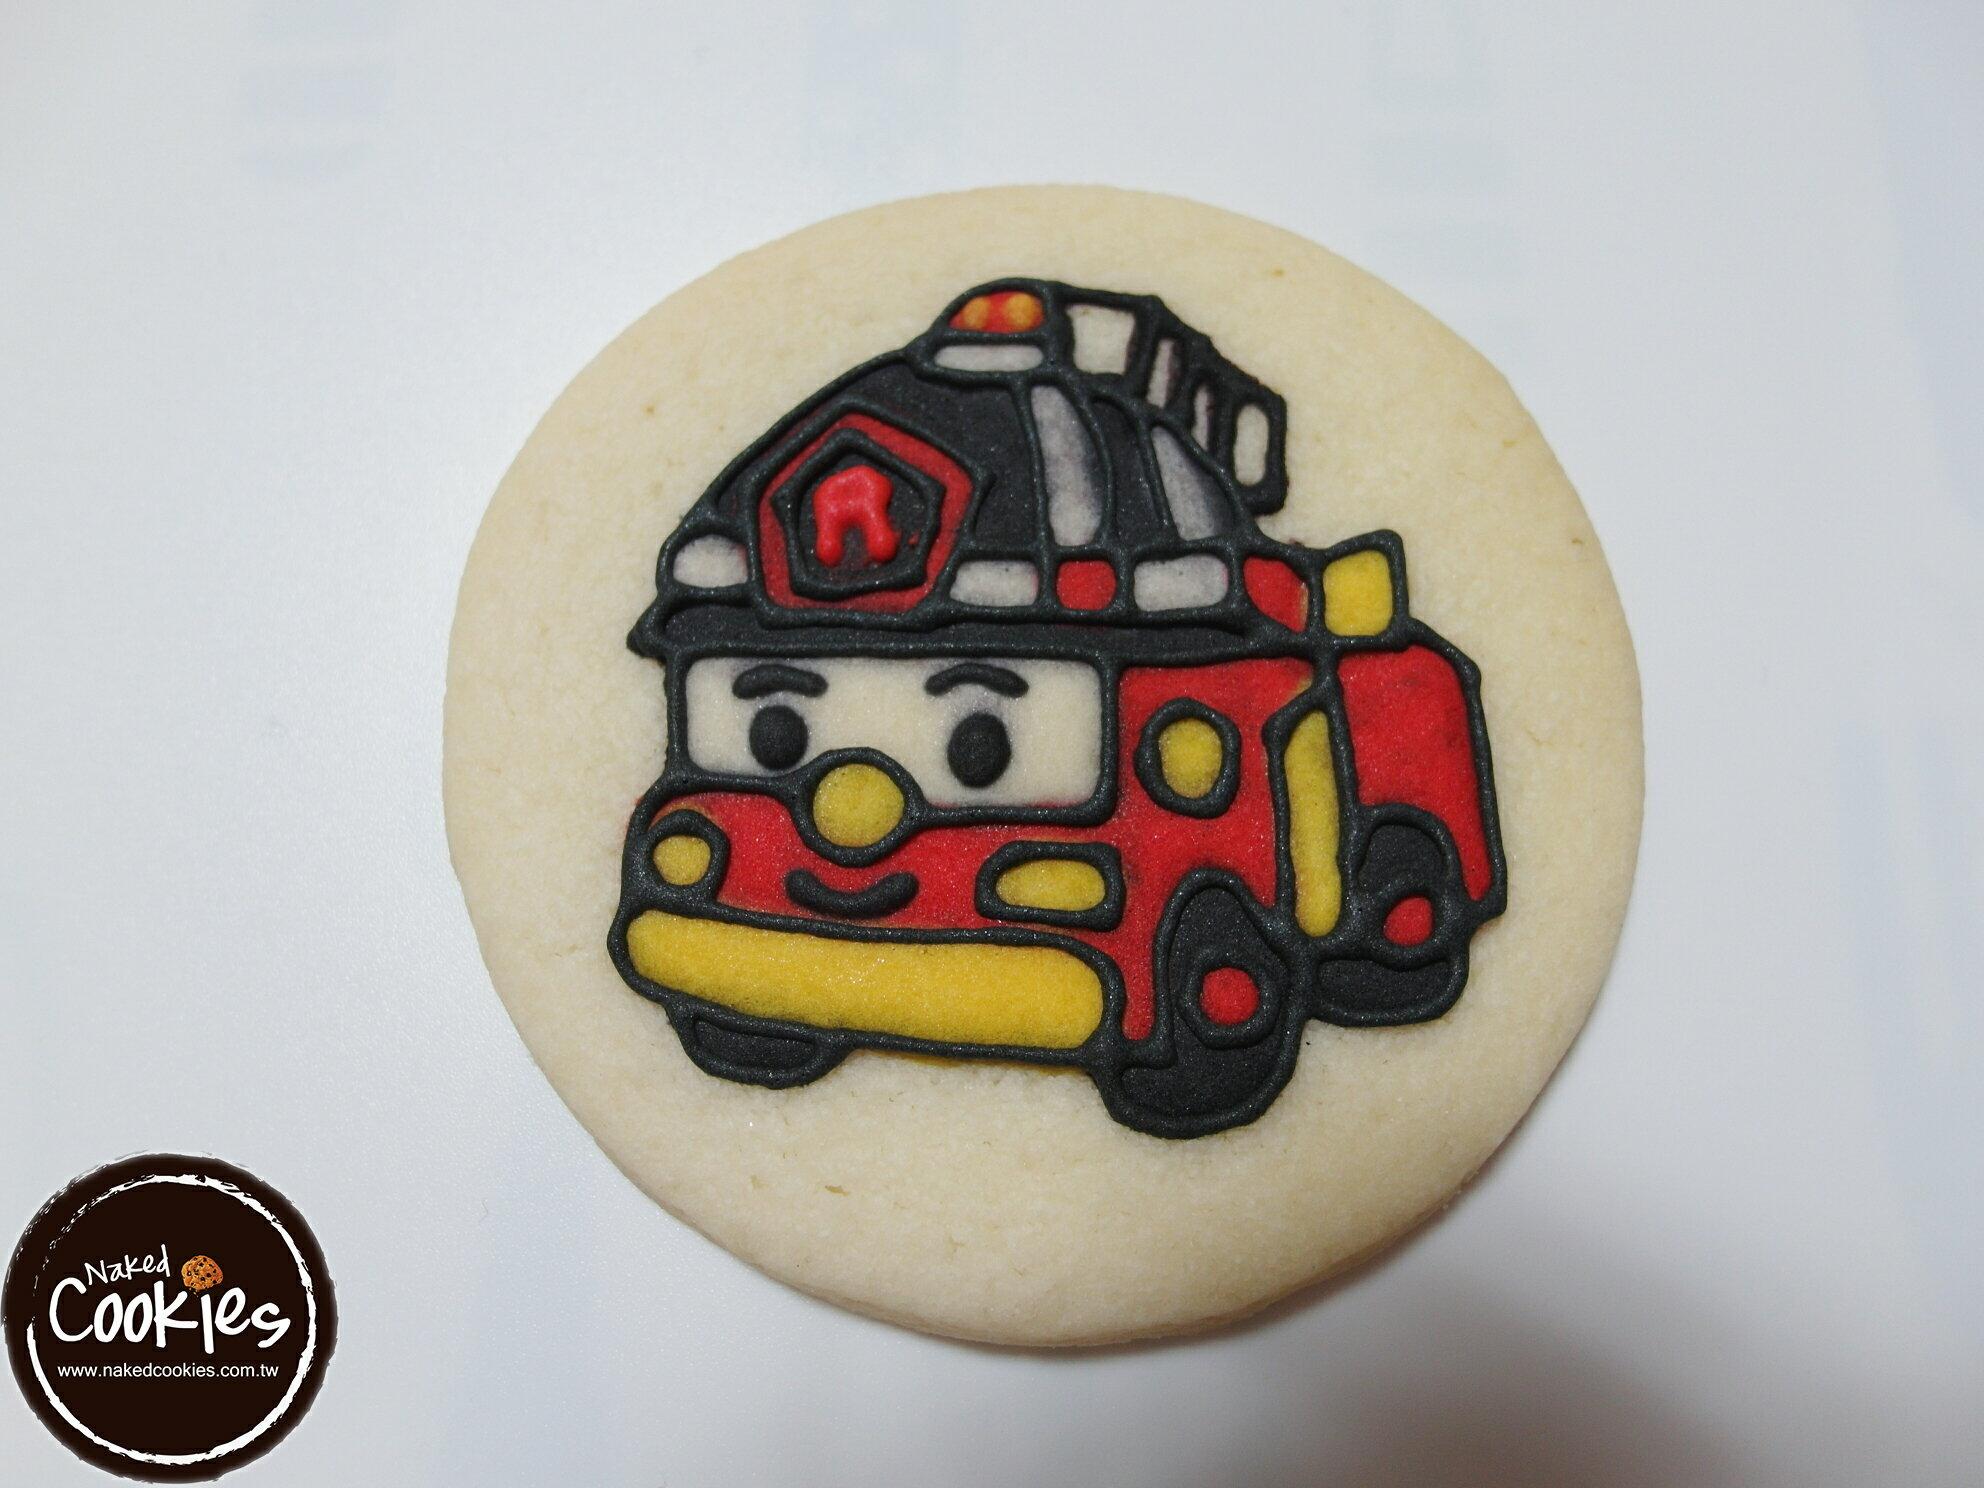 【裸餅乾Naked Cookies】POLI波力(紅)主題-特殊客製6入-創意手工糖霜餅乾,婚禮/生日/活動/收涎/彌月